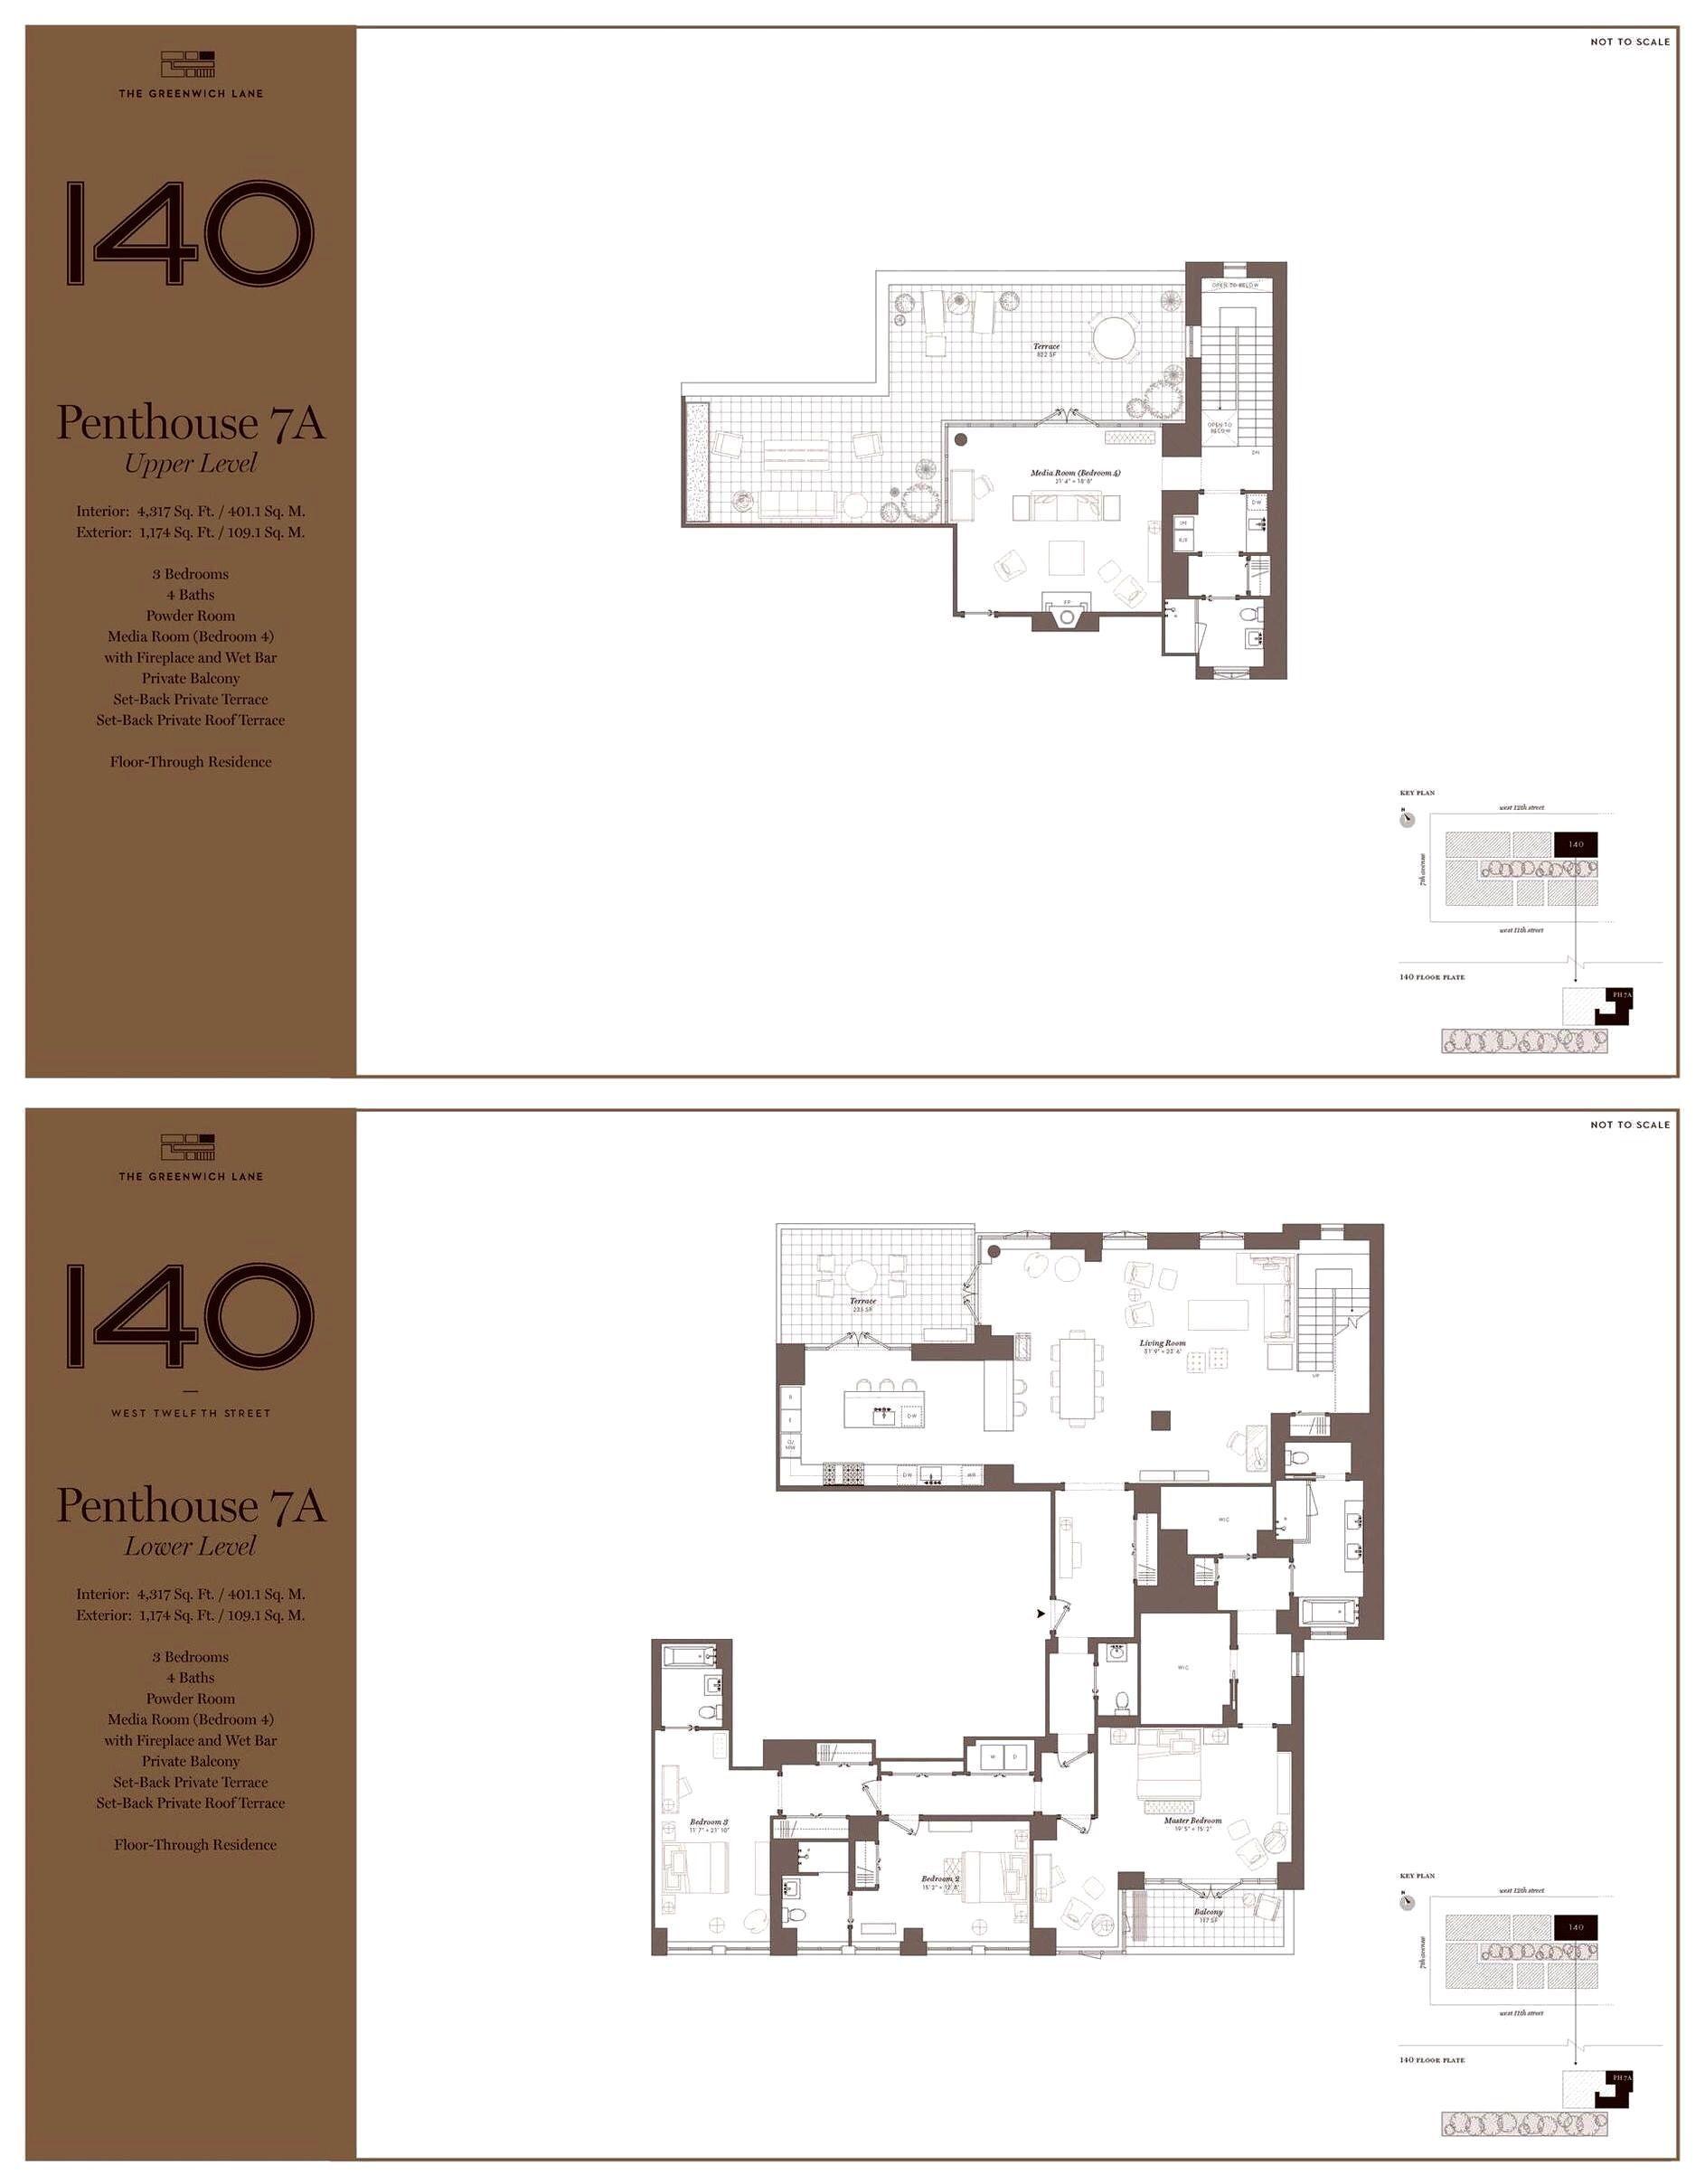 The Greenwich Lane Streeteasy In 2020 Interior Design Presentation Portfolio Design Layout Book Design Layout